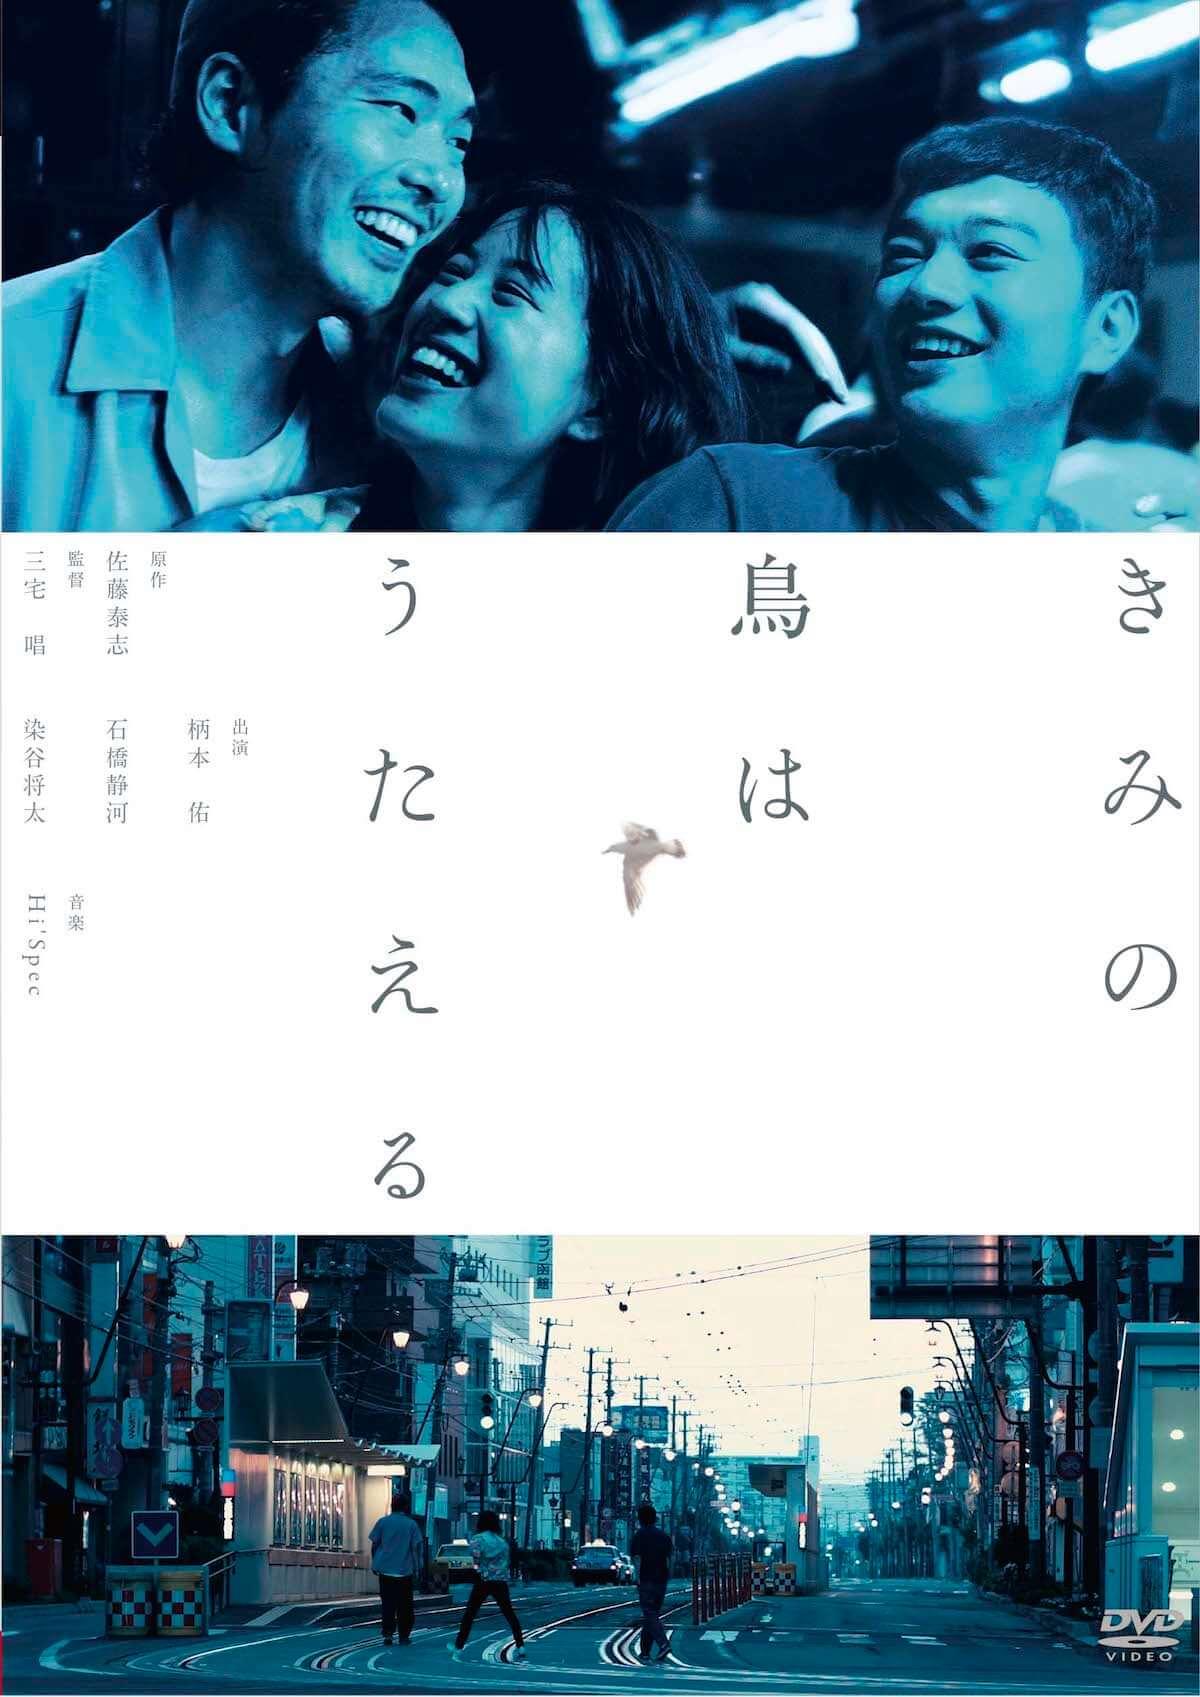 三宅唱監督映画『きみの鳥はうたえる』Blu-ray&DVDが2019年5月に発売 film190214-kiminotori-3-1200x1697